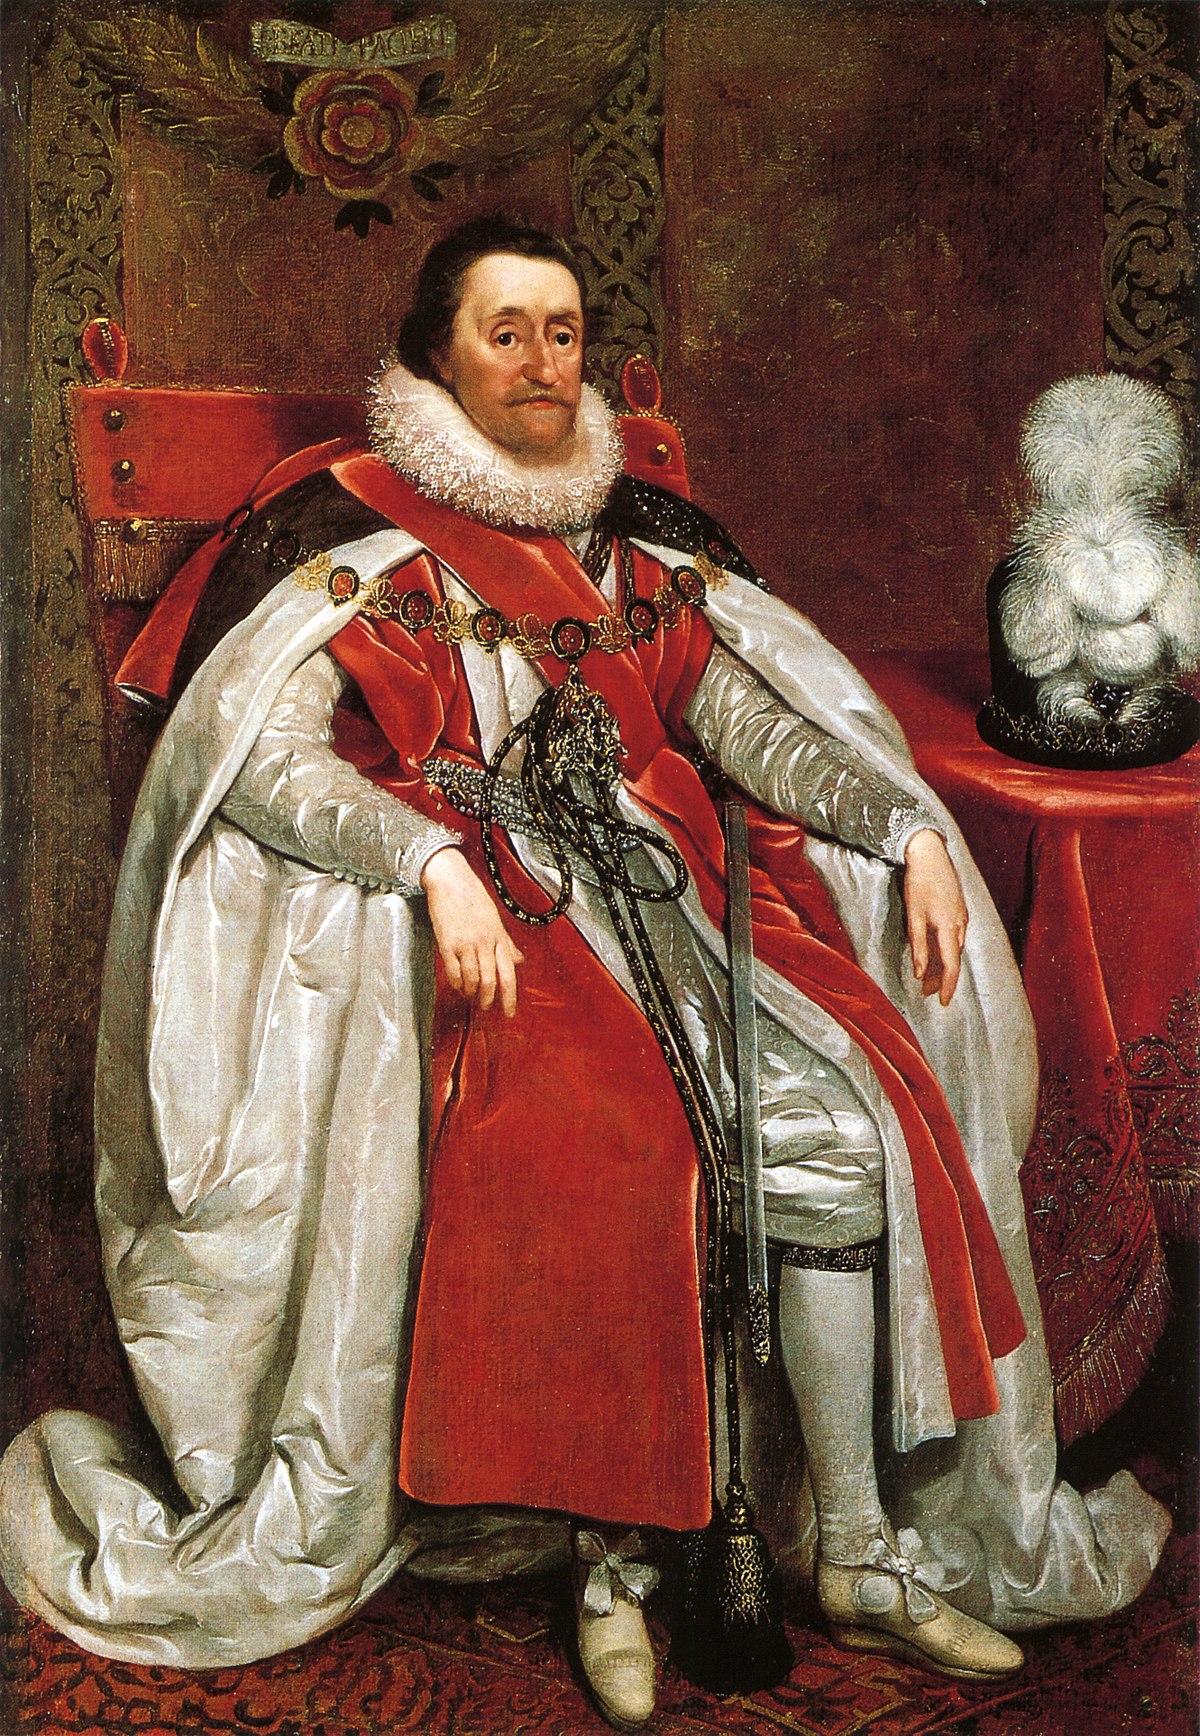 شارلمان ملك الفرنجة يصبح الحاكم